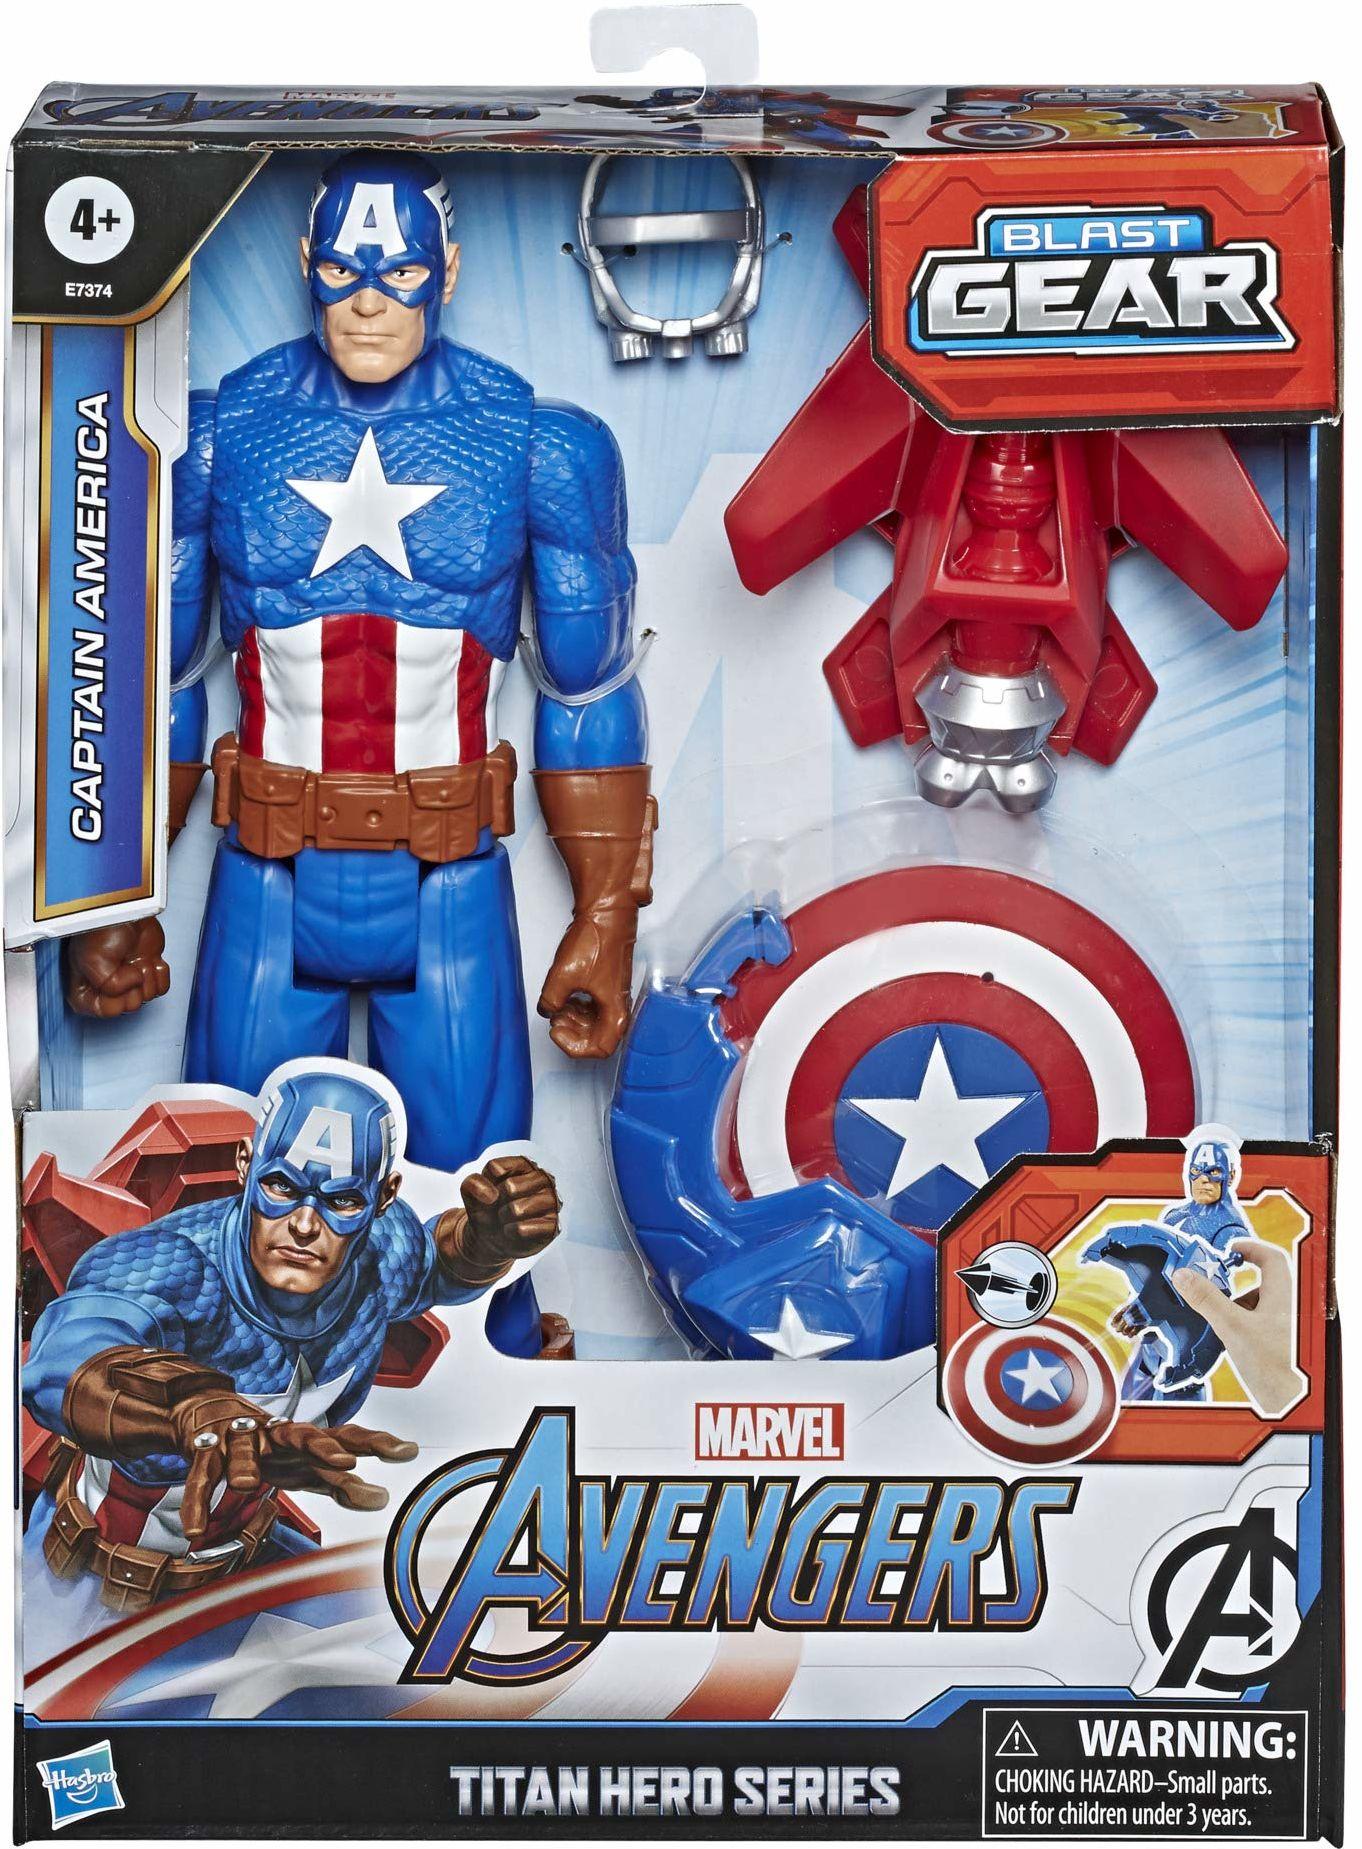 Figurka Kapitana Ameryki z serii Marvel Avengers Titan Hero Blast Gear, 30-centymetrowa zabawka z wyrzutnią, 2 akcesoriami i pociskiem, dla dzieci w wieku od 4 lat